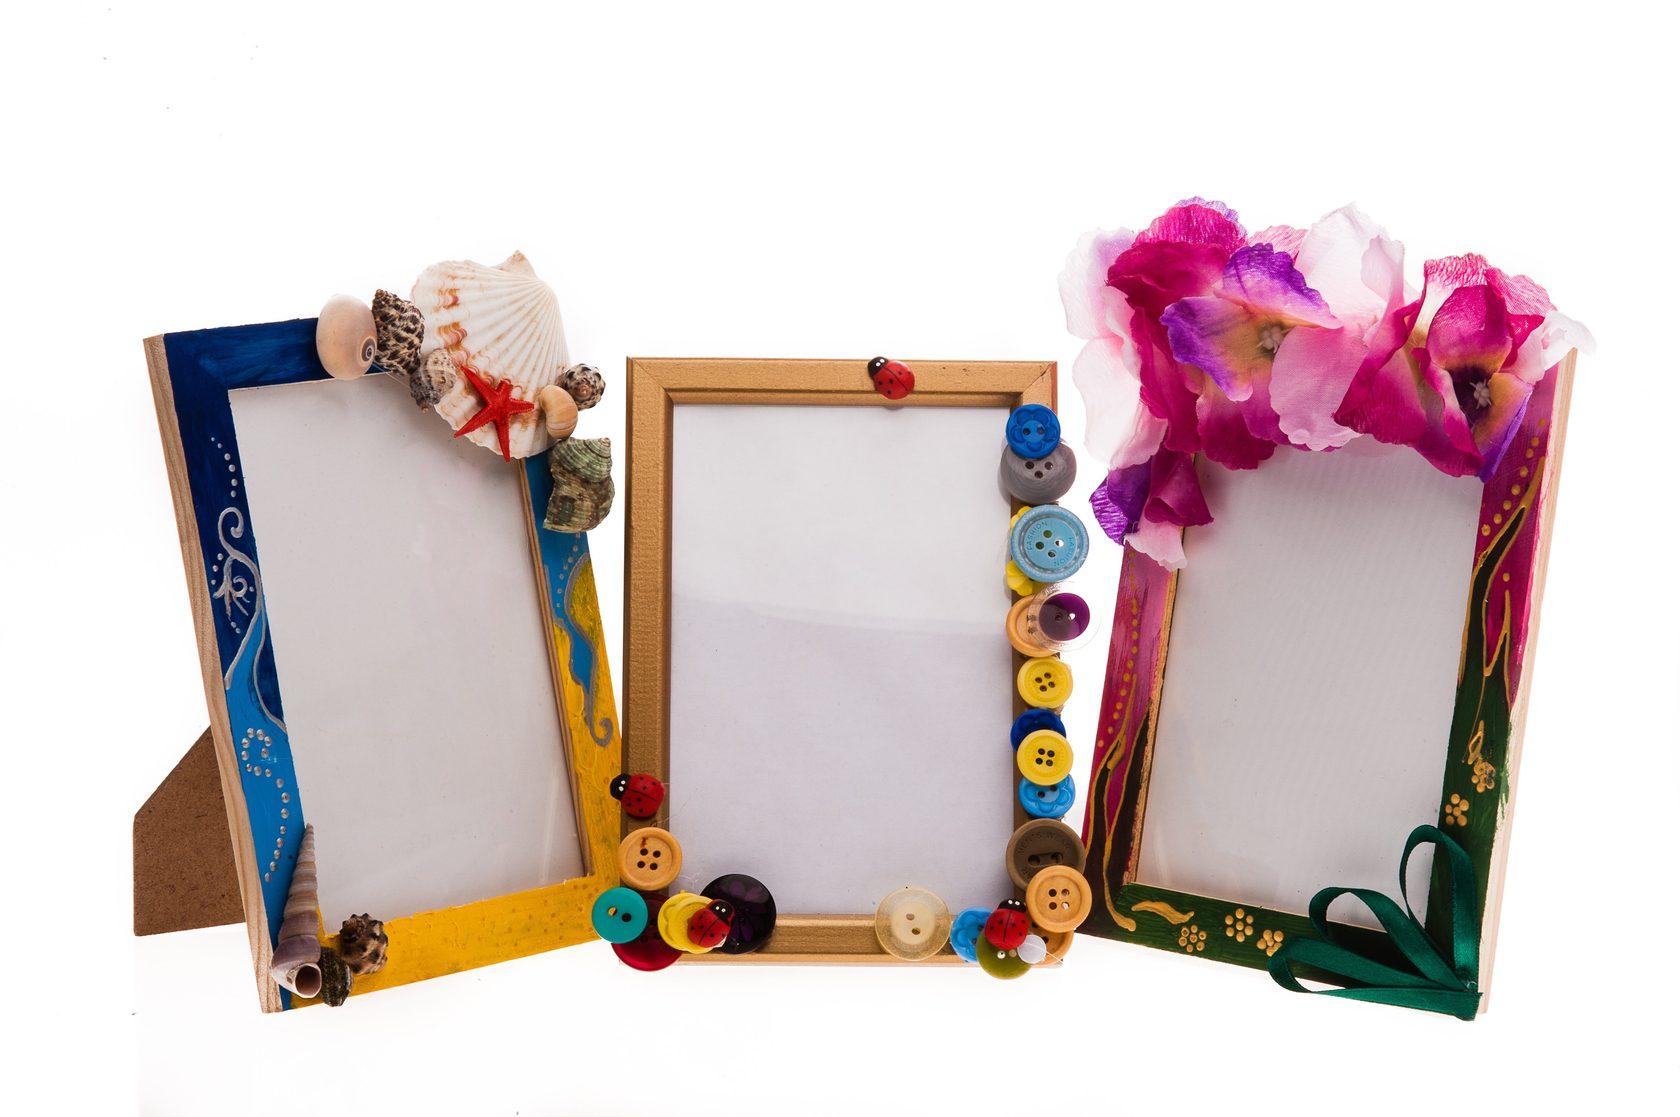 Как сделать рамку для картины своими руками из плинтуса